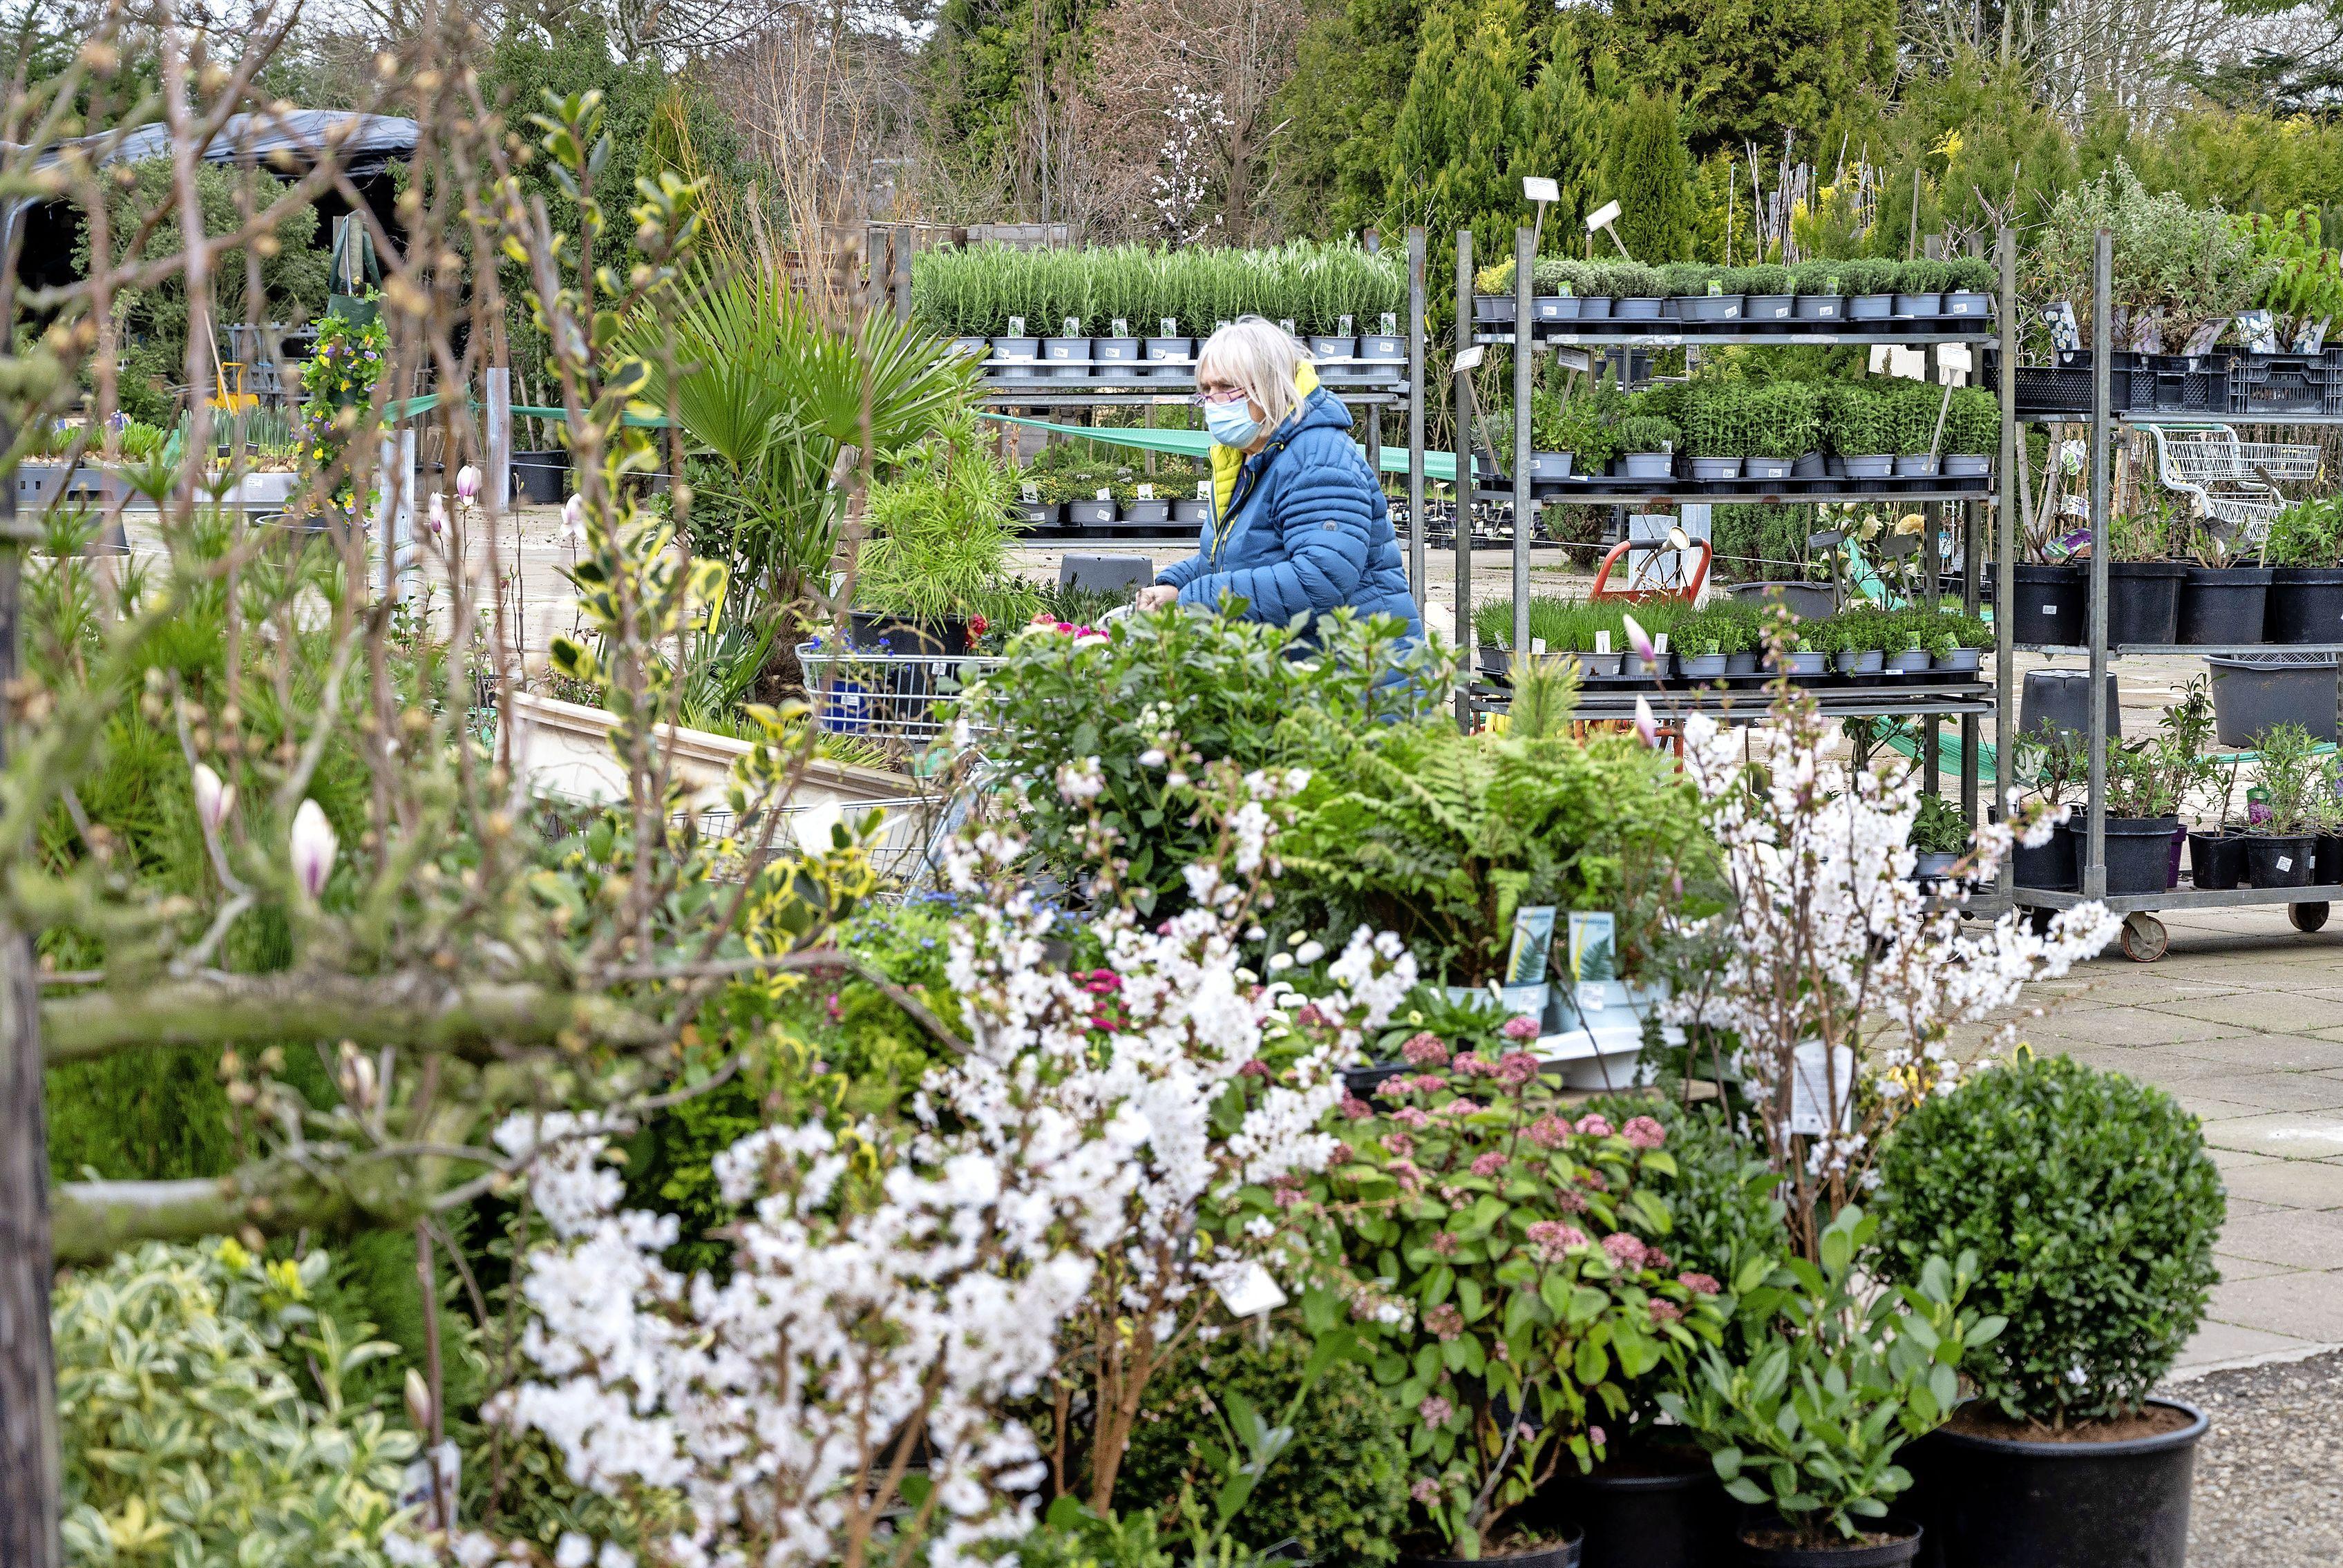 Tuinliefhebbers kopen de eerste plantjes. 'Henk heeft goede spullen, maar daarnaast gun ik hem ook een stukje omzet'